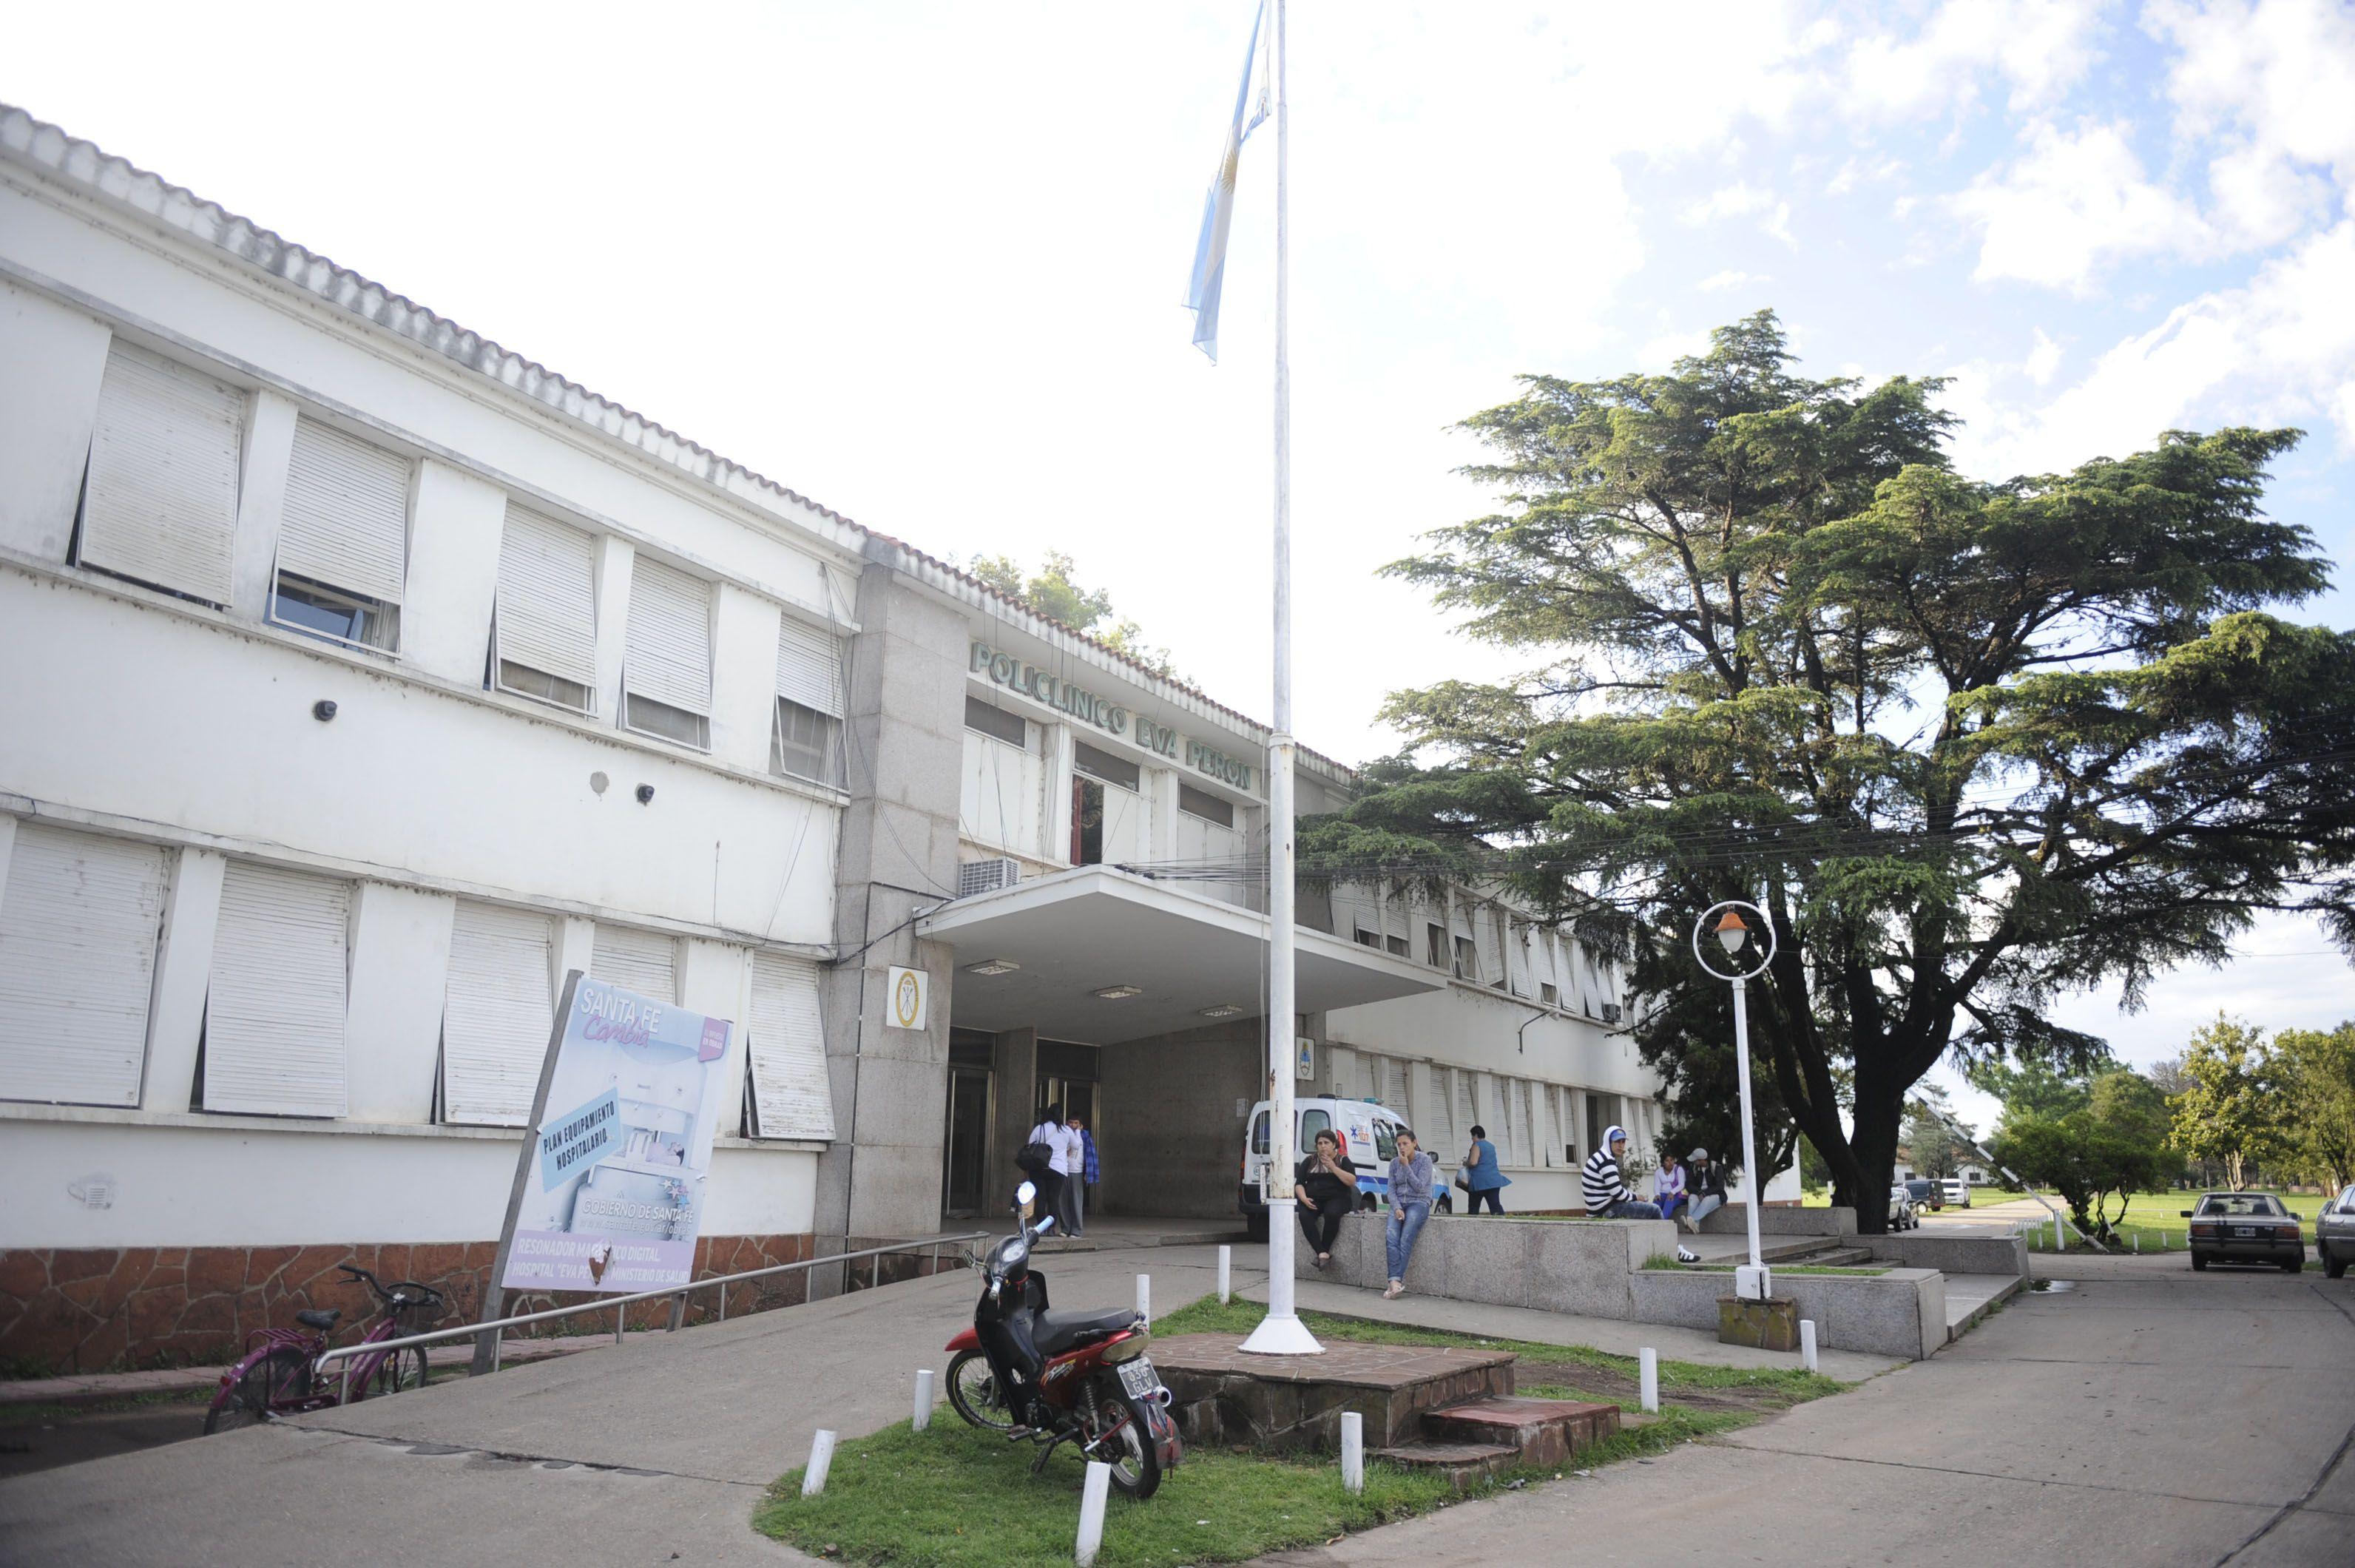 La víctima fue derivada al Hospital Eva Perón. Prefirió no dar detalles de lo ocurrido